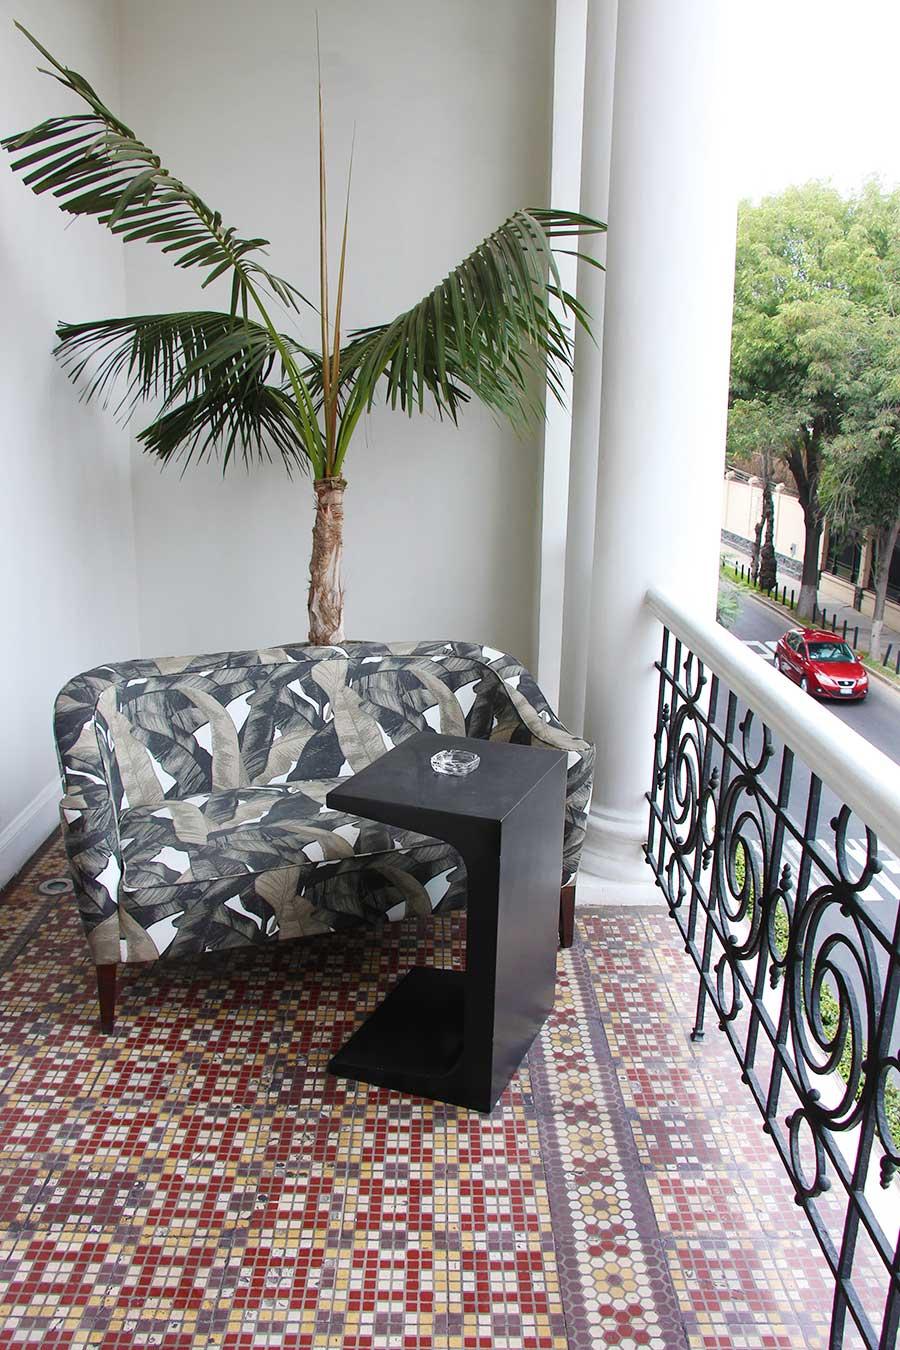 barranco-lima-peru-hotel-b-chic.jpg